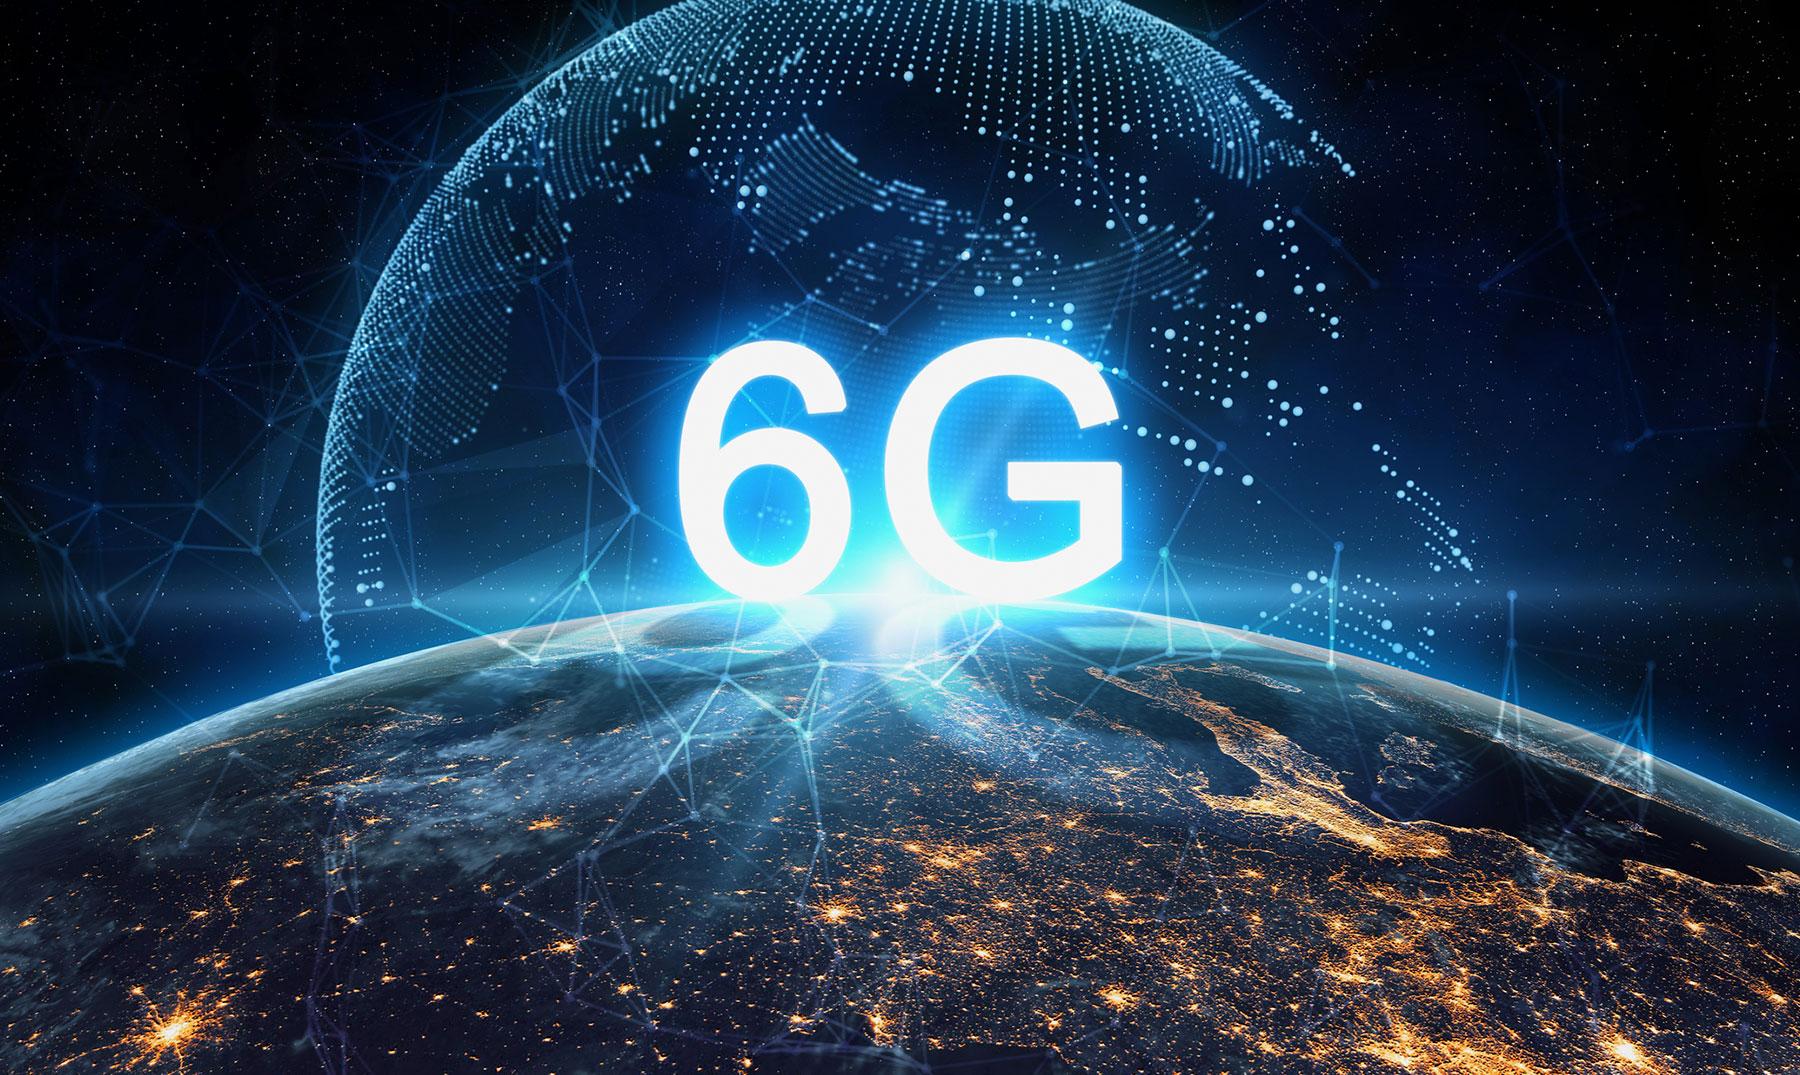 Expertos aseguran que las redes 6G impulsarán la era de los terabytes